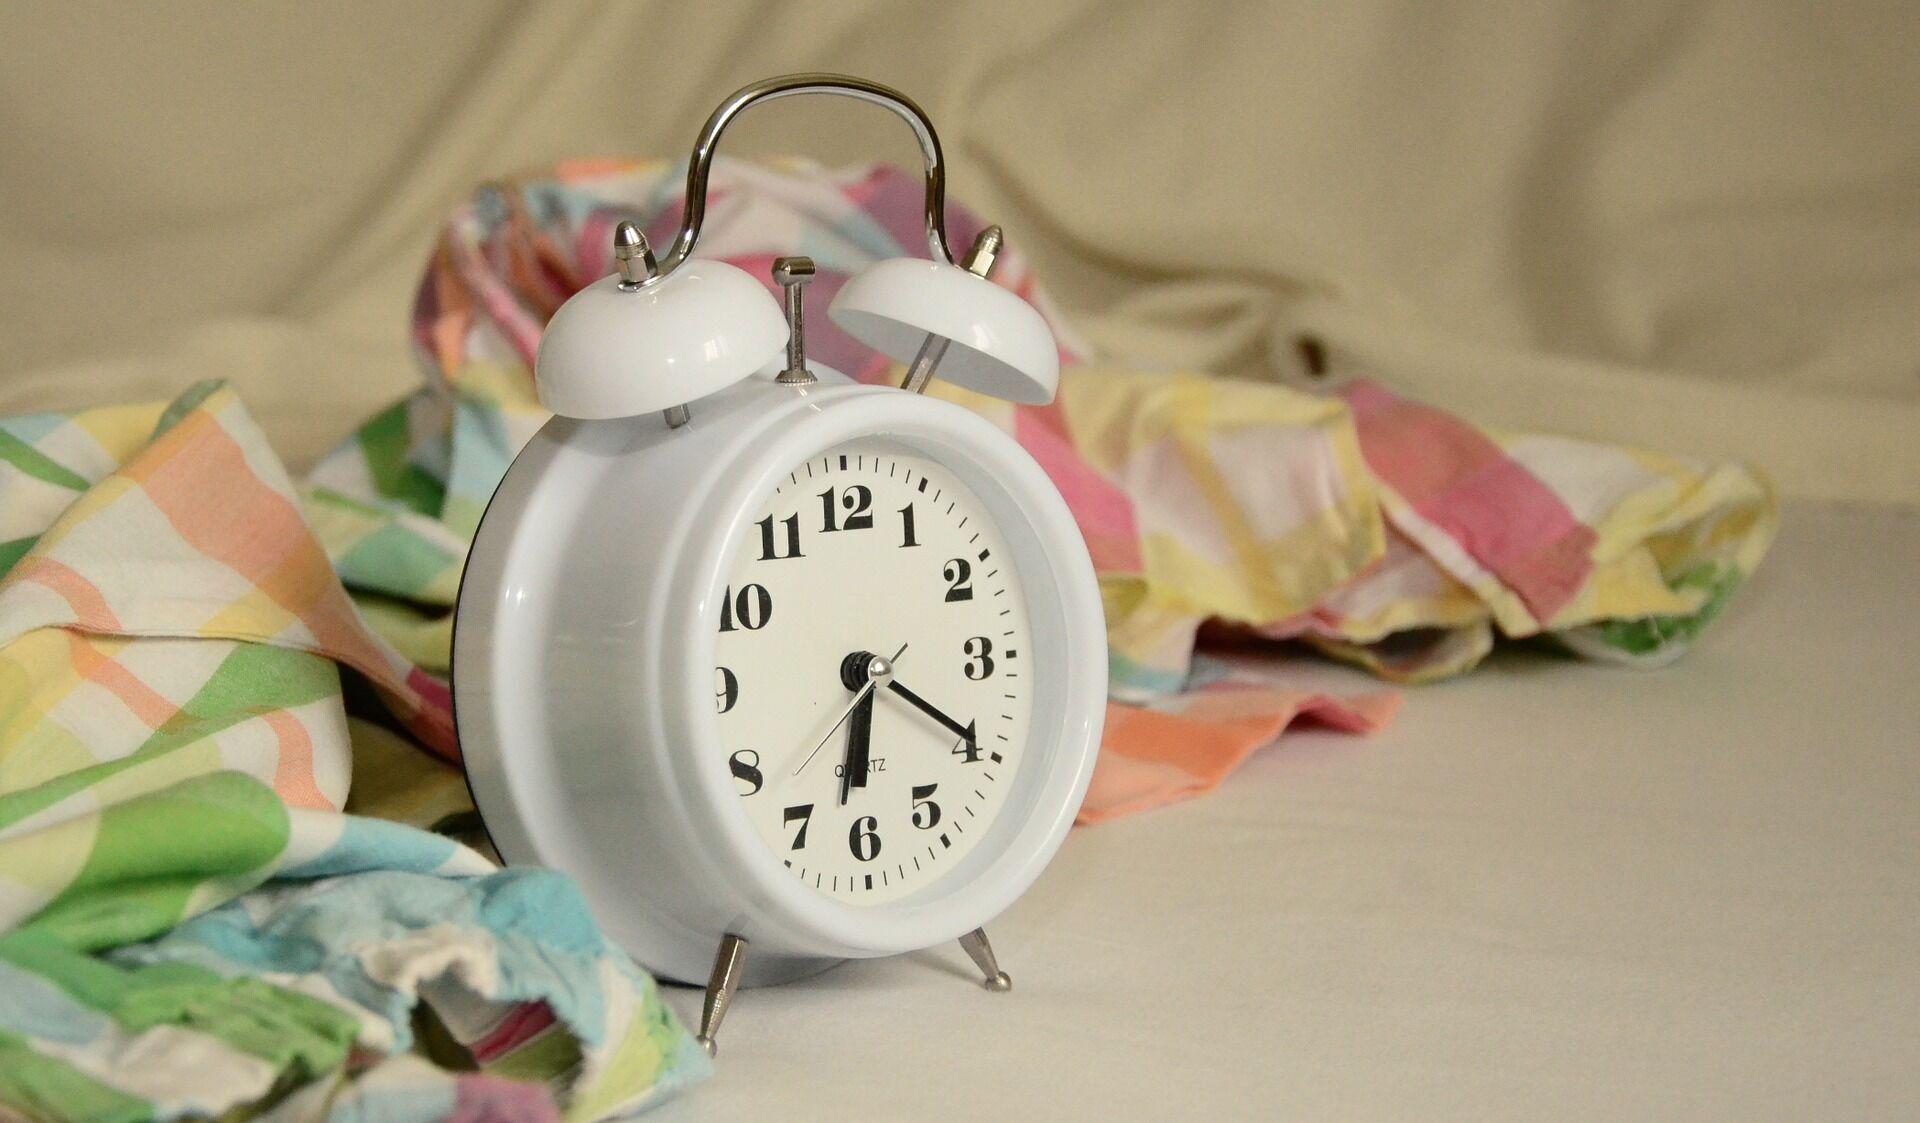 За неделю до перехода на зимнее время желательно начать ложиться спать хотя бы на 15 минут позже